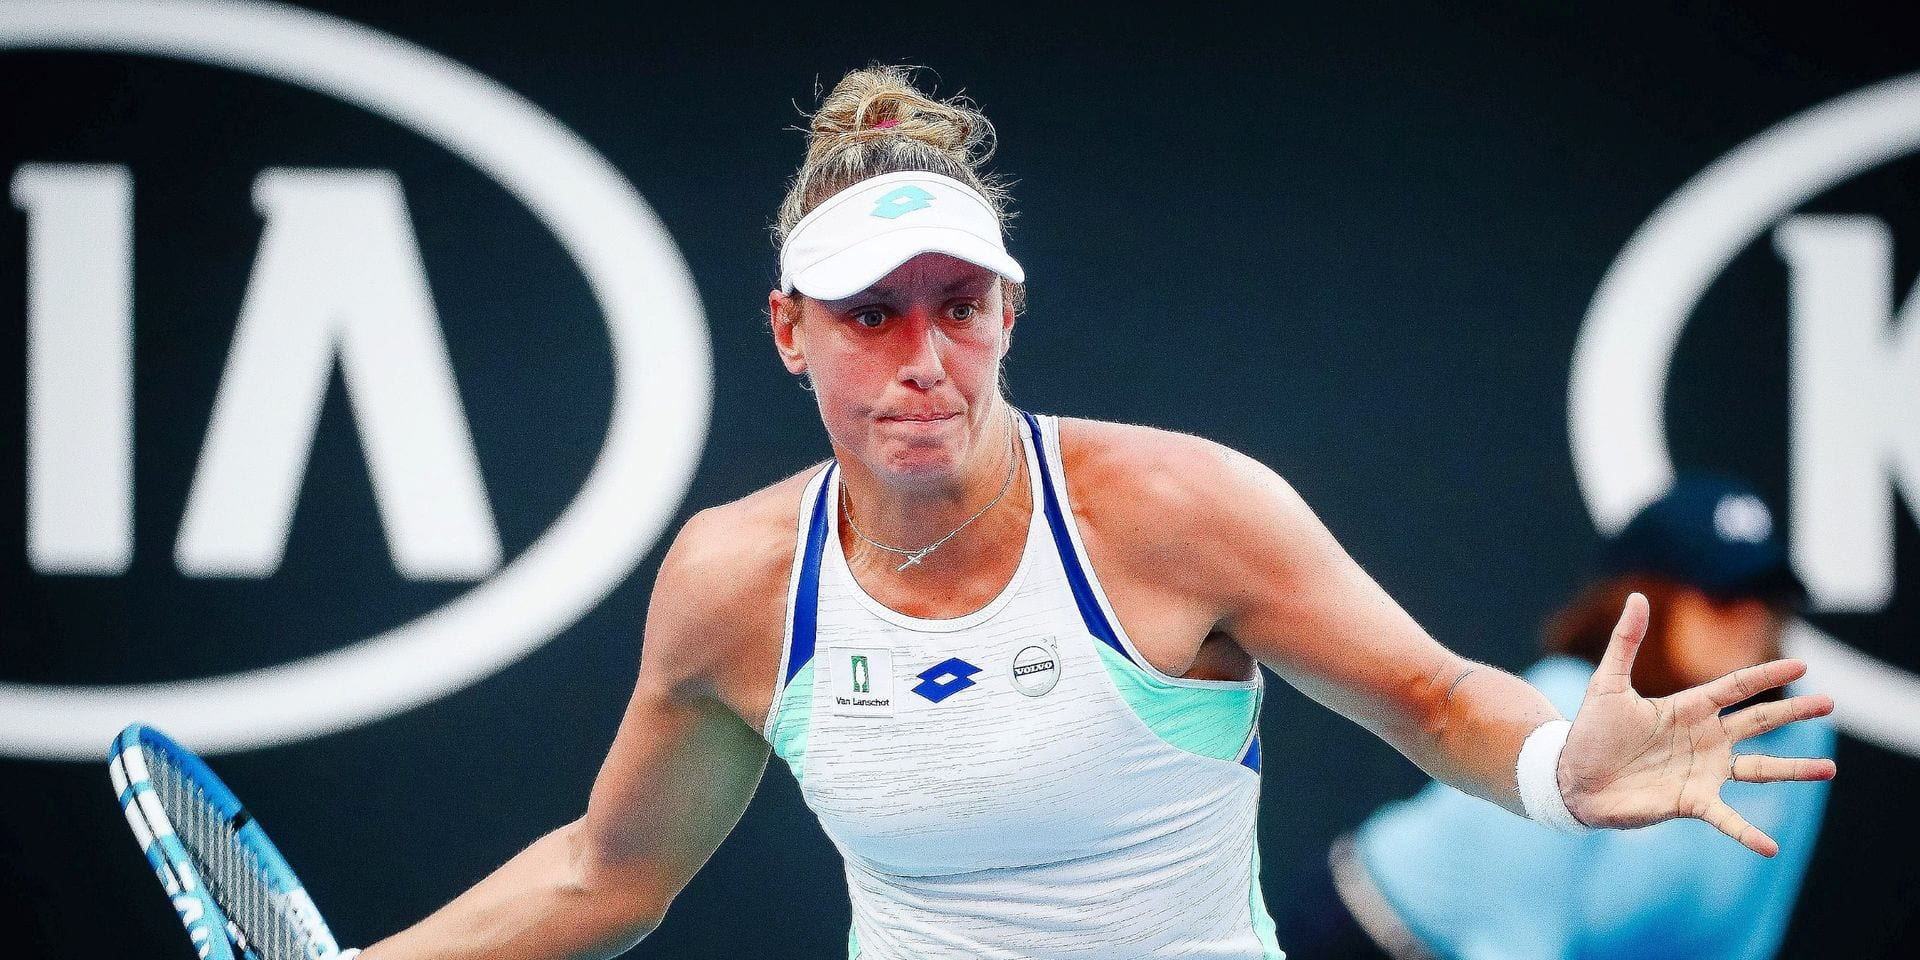 WTA Palerme: Yanina Wickmayer également éliminée au 2e tour qualificatif